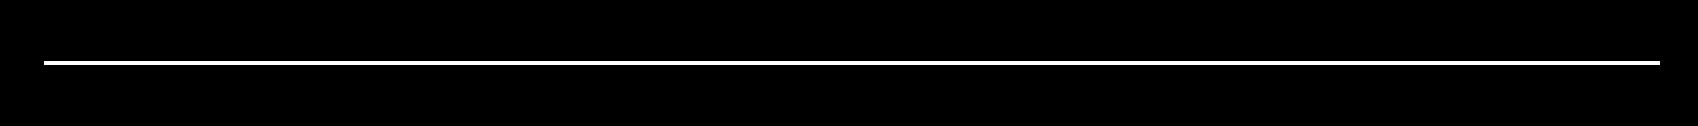 White line_thinner.jpg